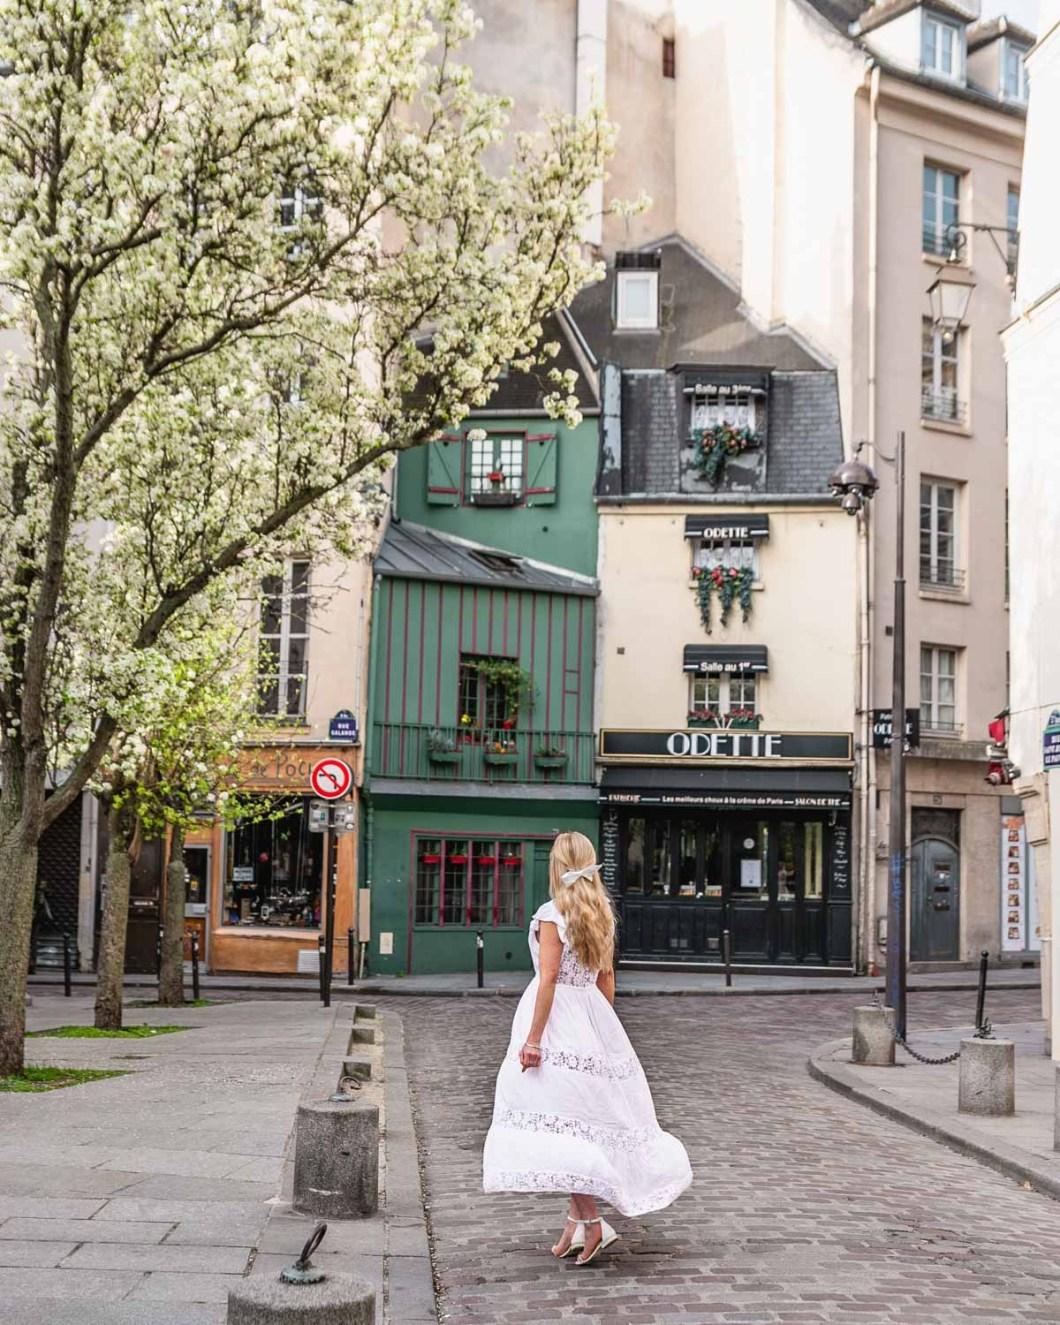 White blooms in front of Odette in rue Saint Julien le Pauvre - Paris